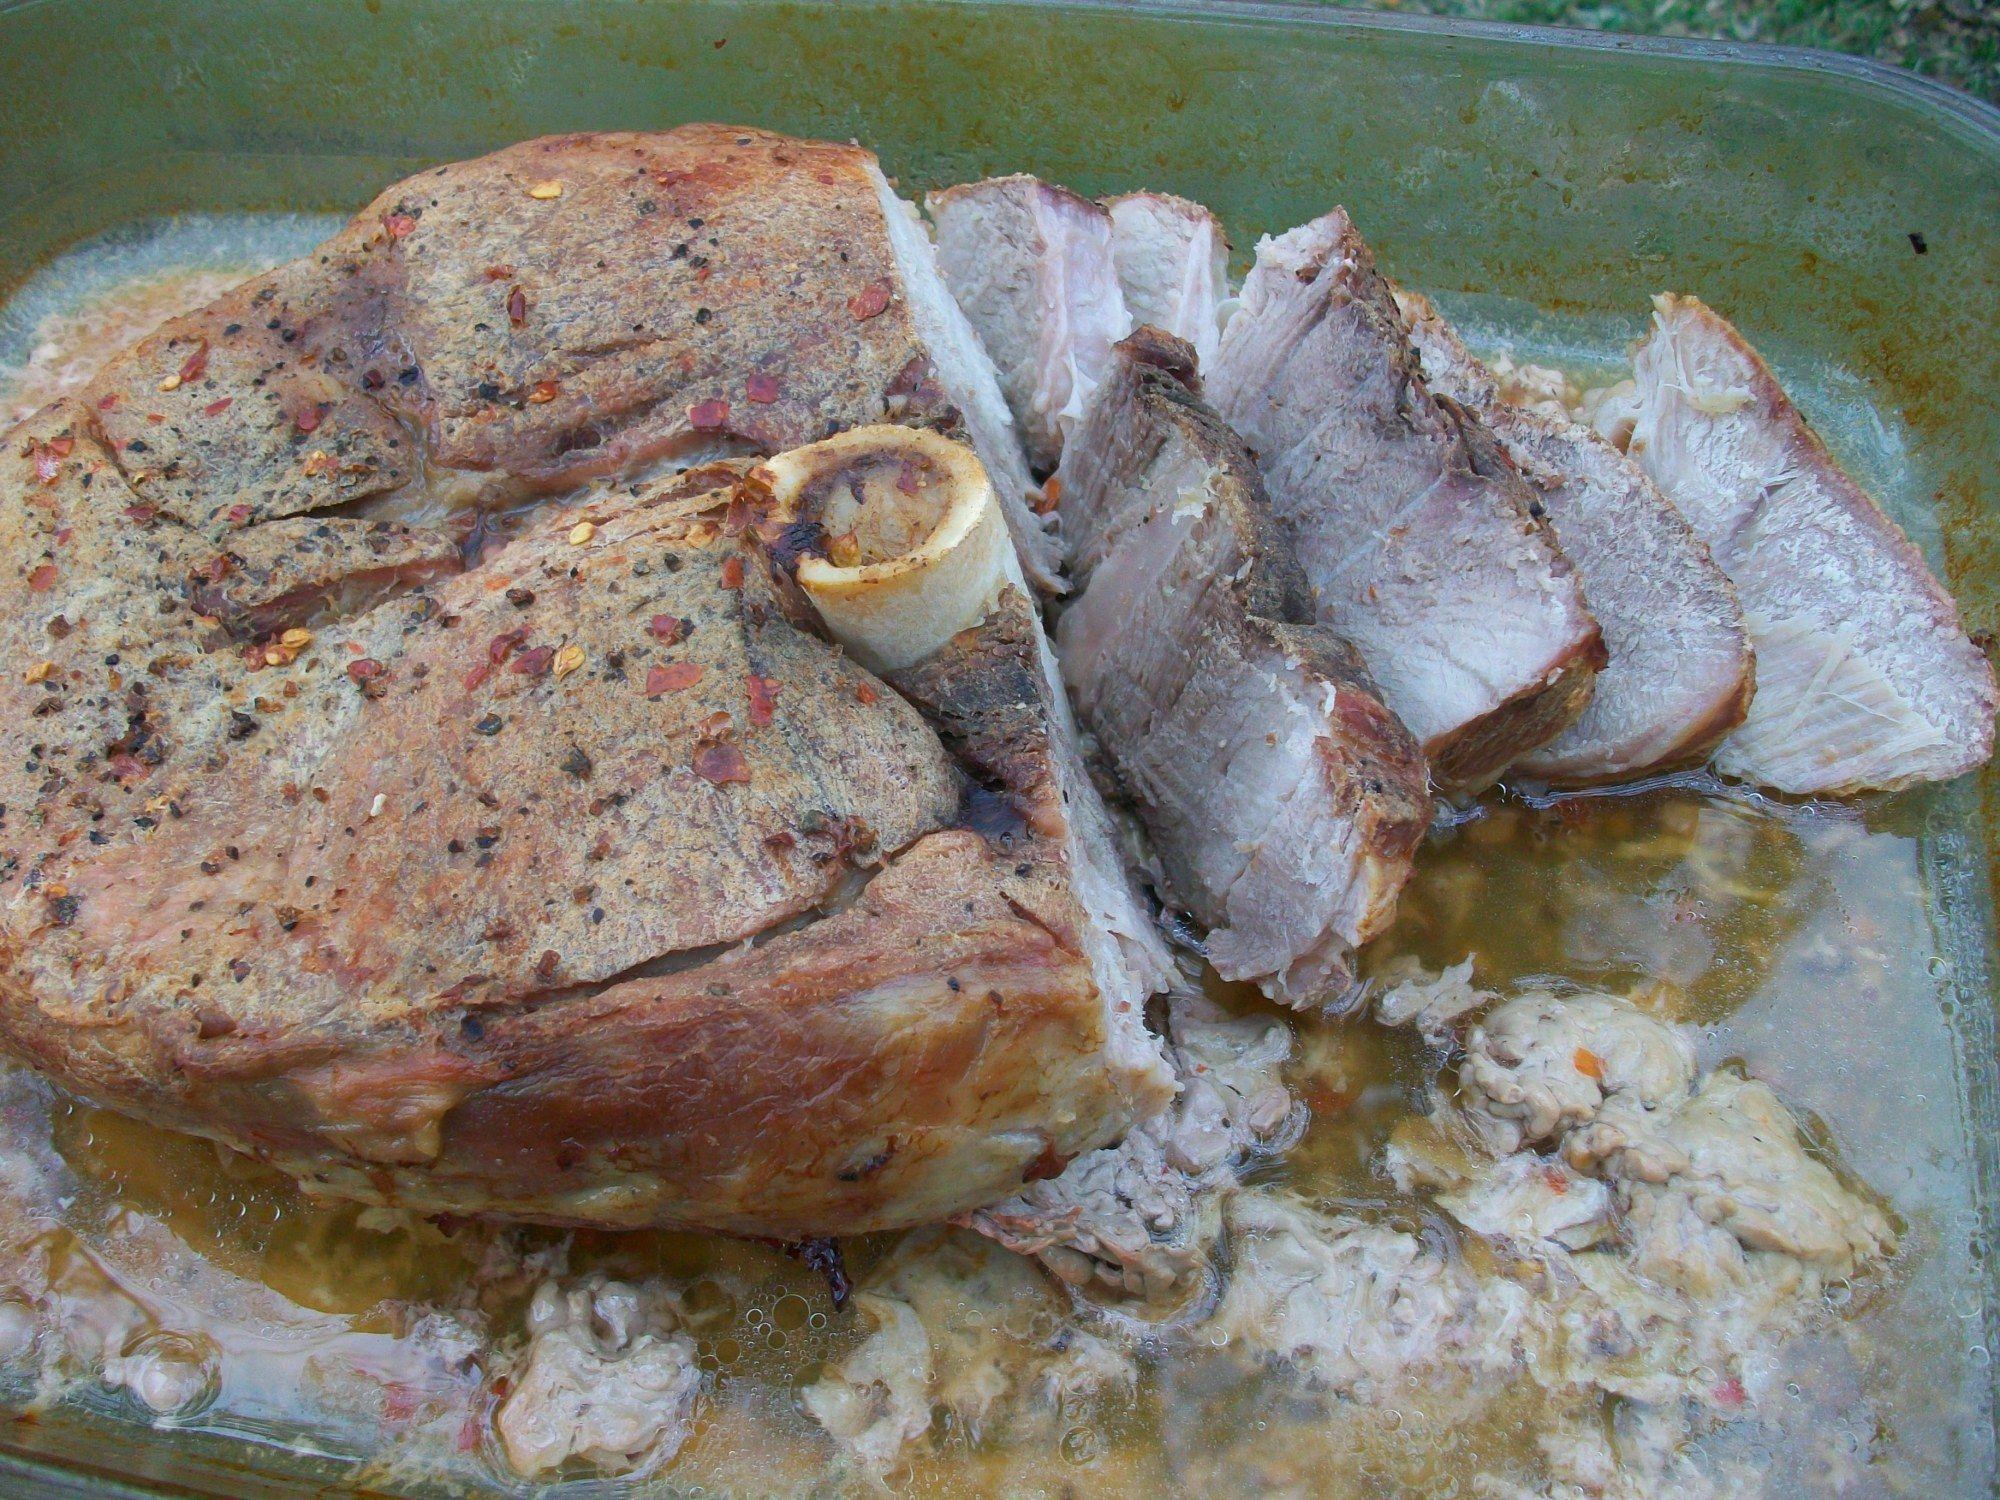 Pork Roast After Cooking